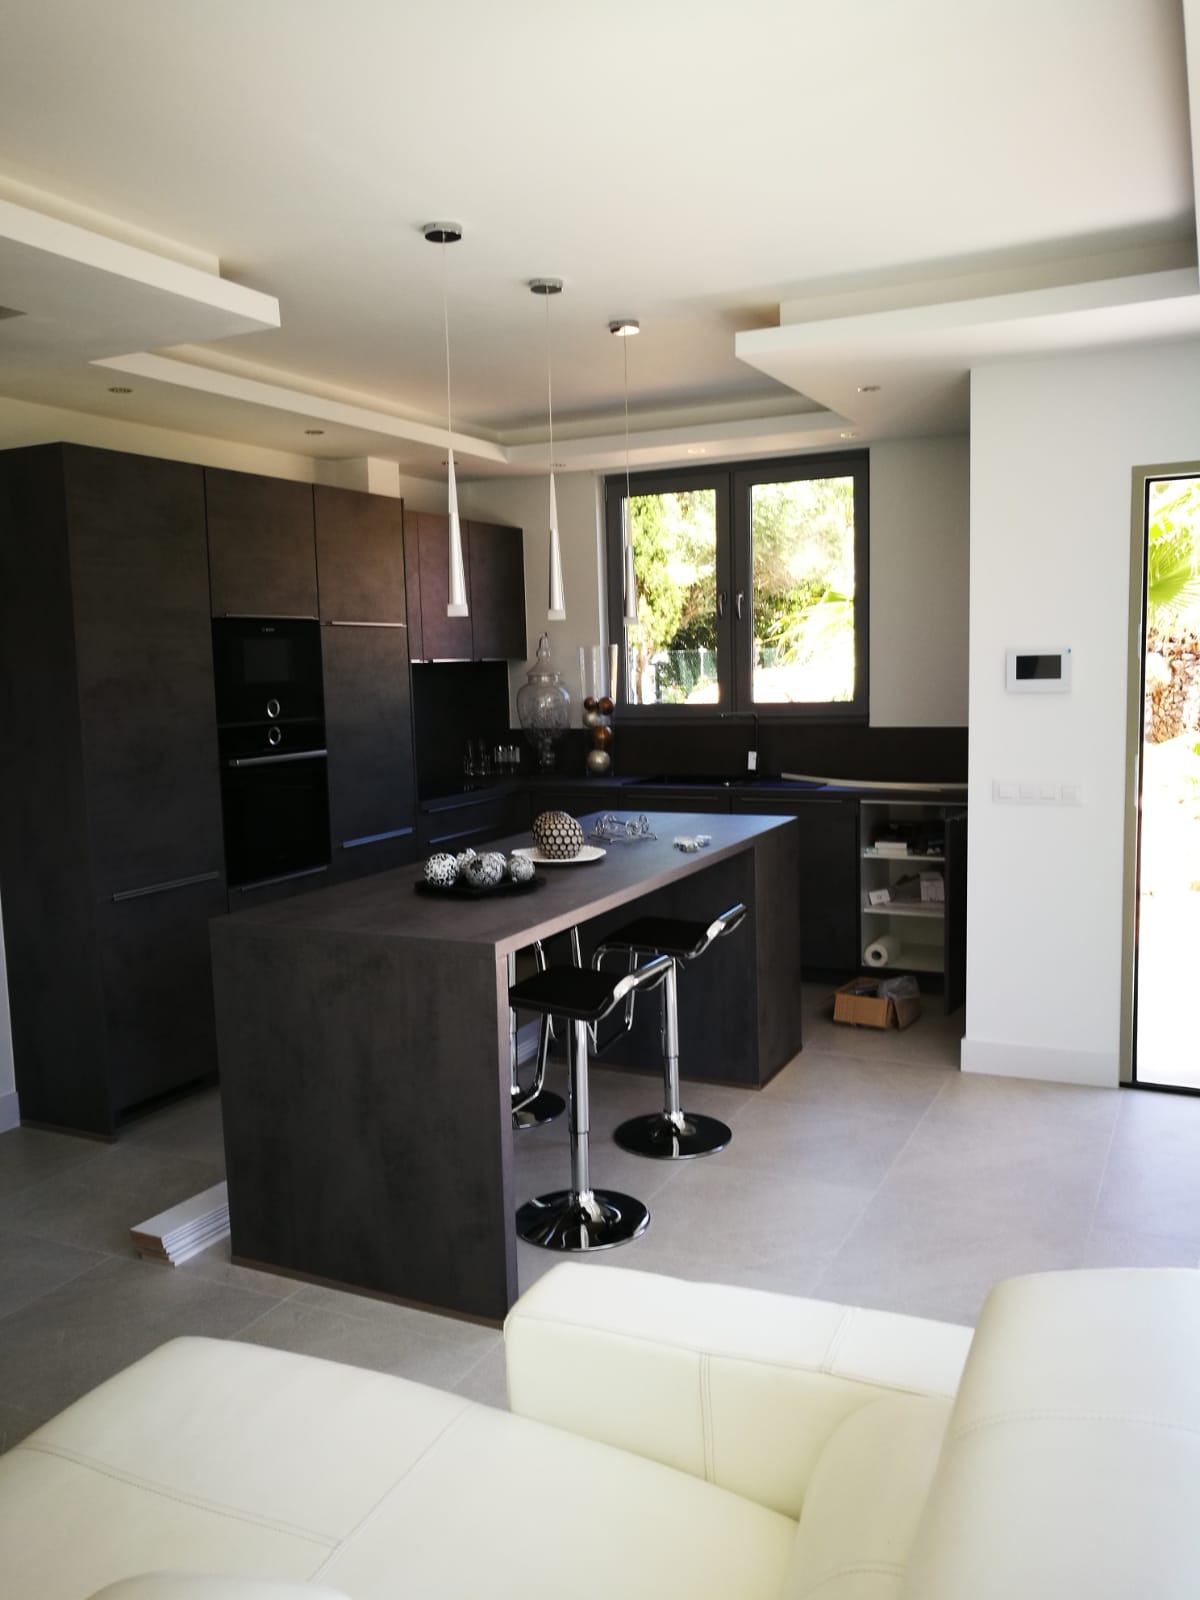 Casa nueva de diseño con jardín y piscina en Crestatx, cerca de Pollensa, Mallorca